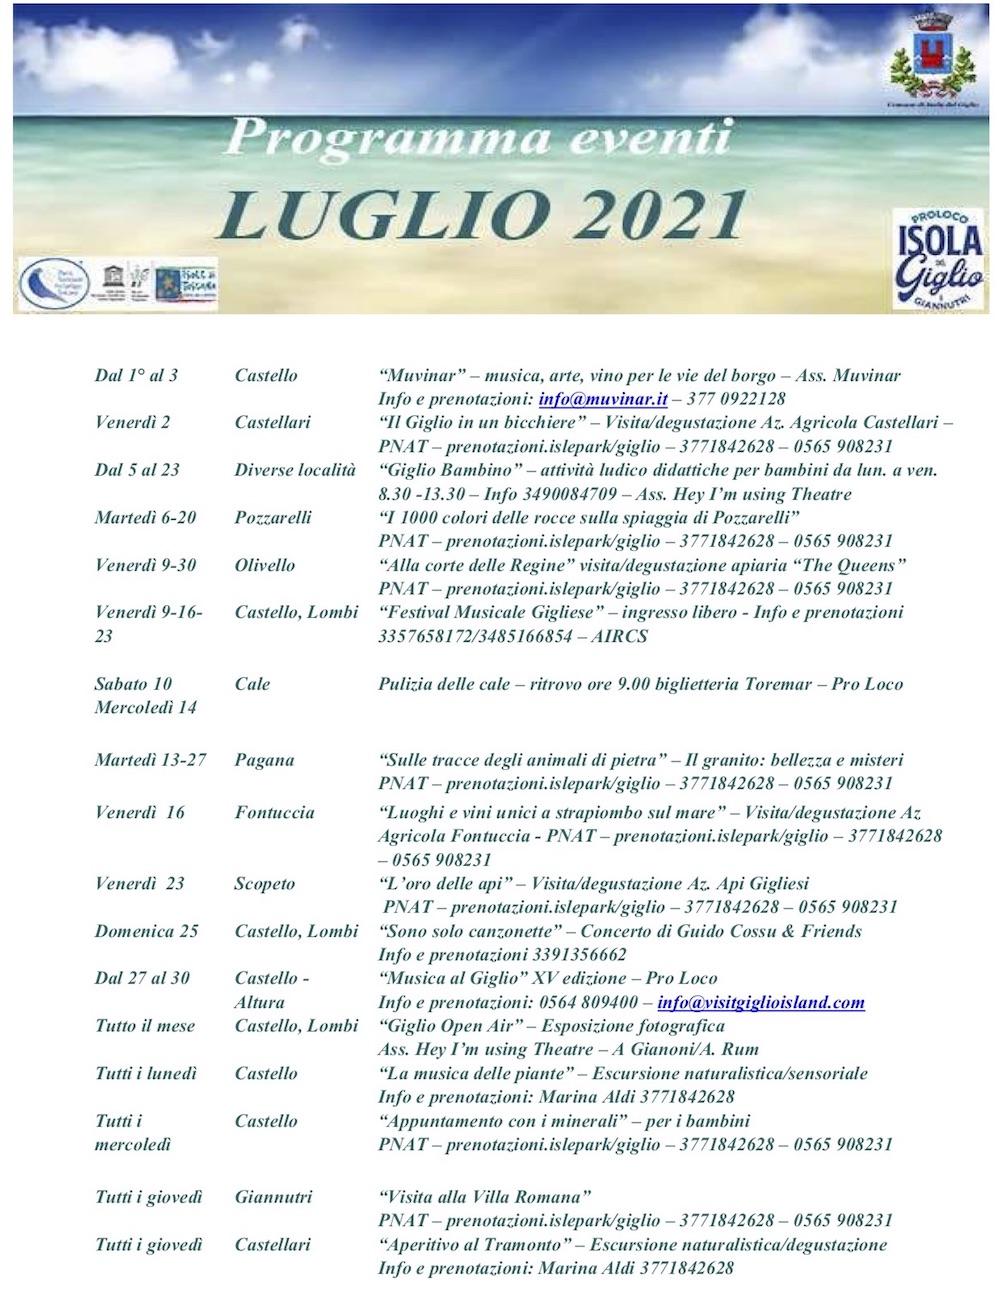 eventi luglio 2021 pro loco isola del giglio giglionews